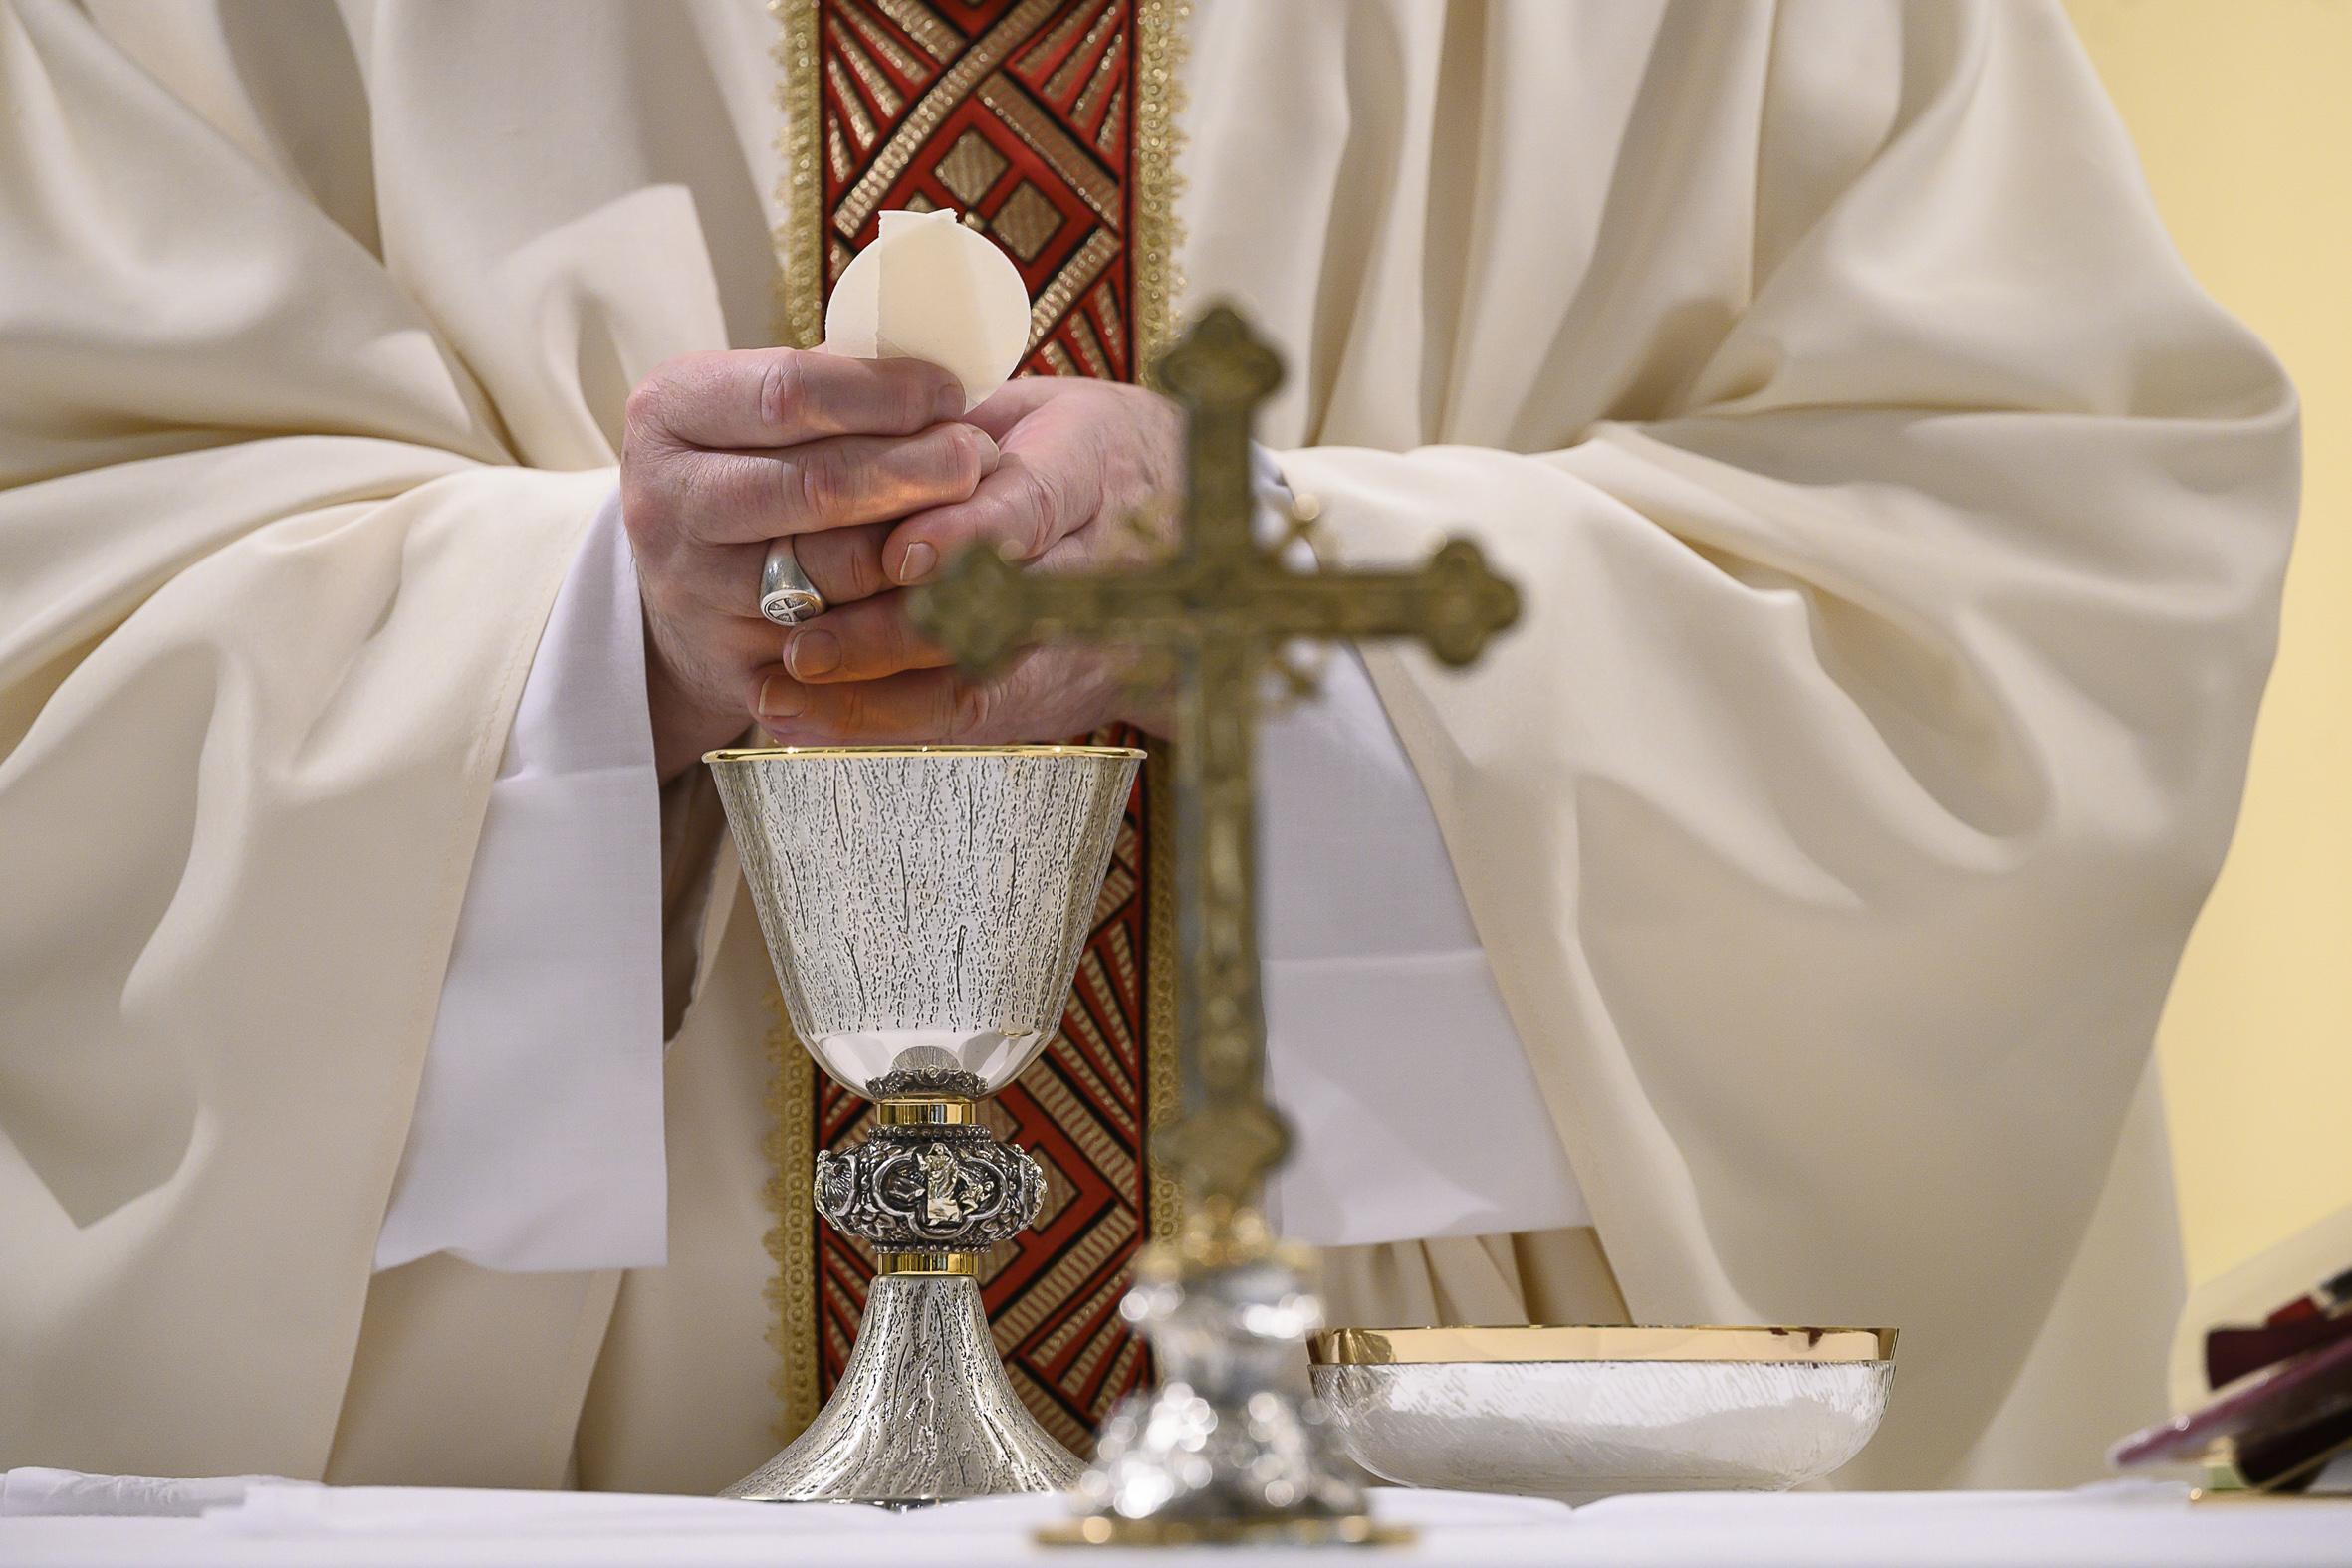 Messe à Sainte-Marthe, 2 mai 2020 © Vatican Media